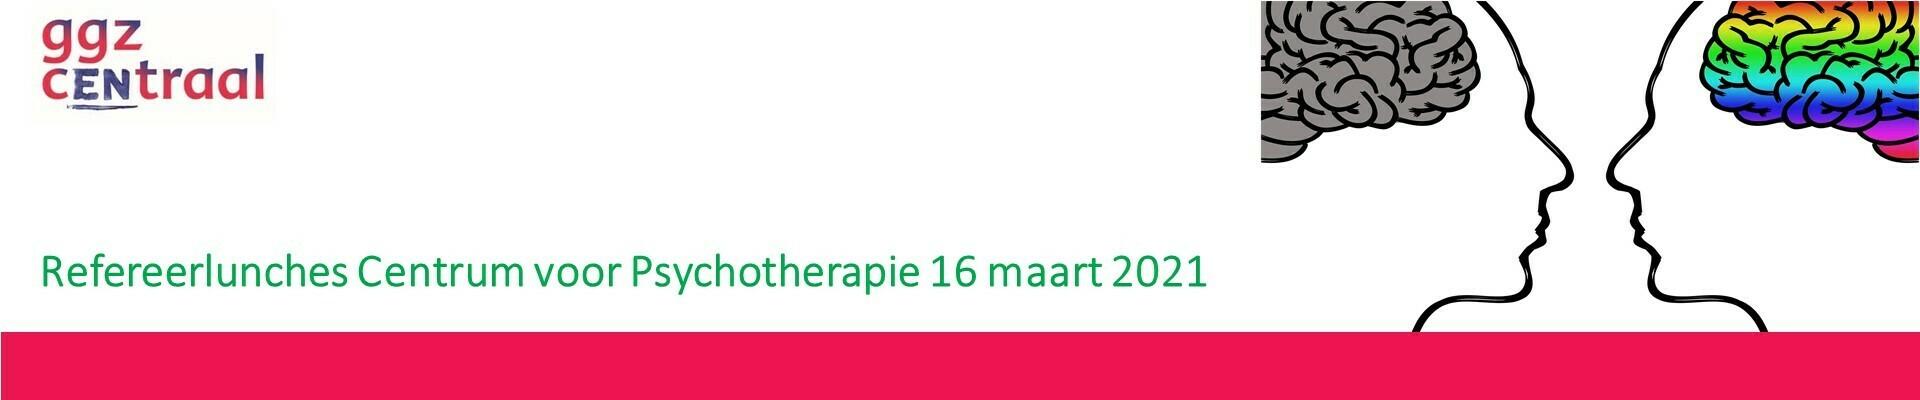 Refereerlunch Centrum voor Psychotherapie 16 maart 2021